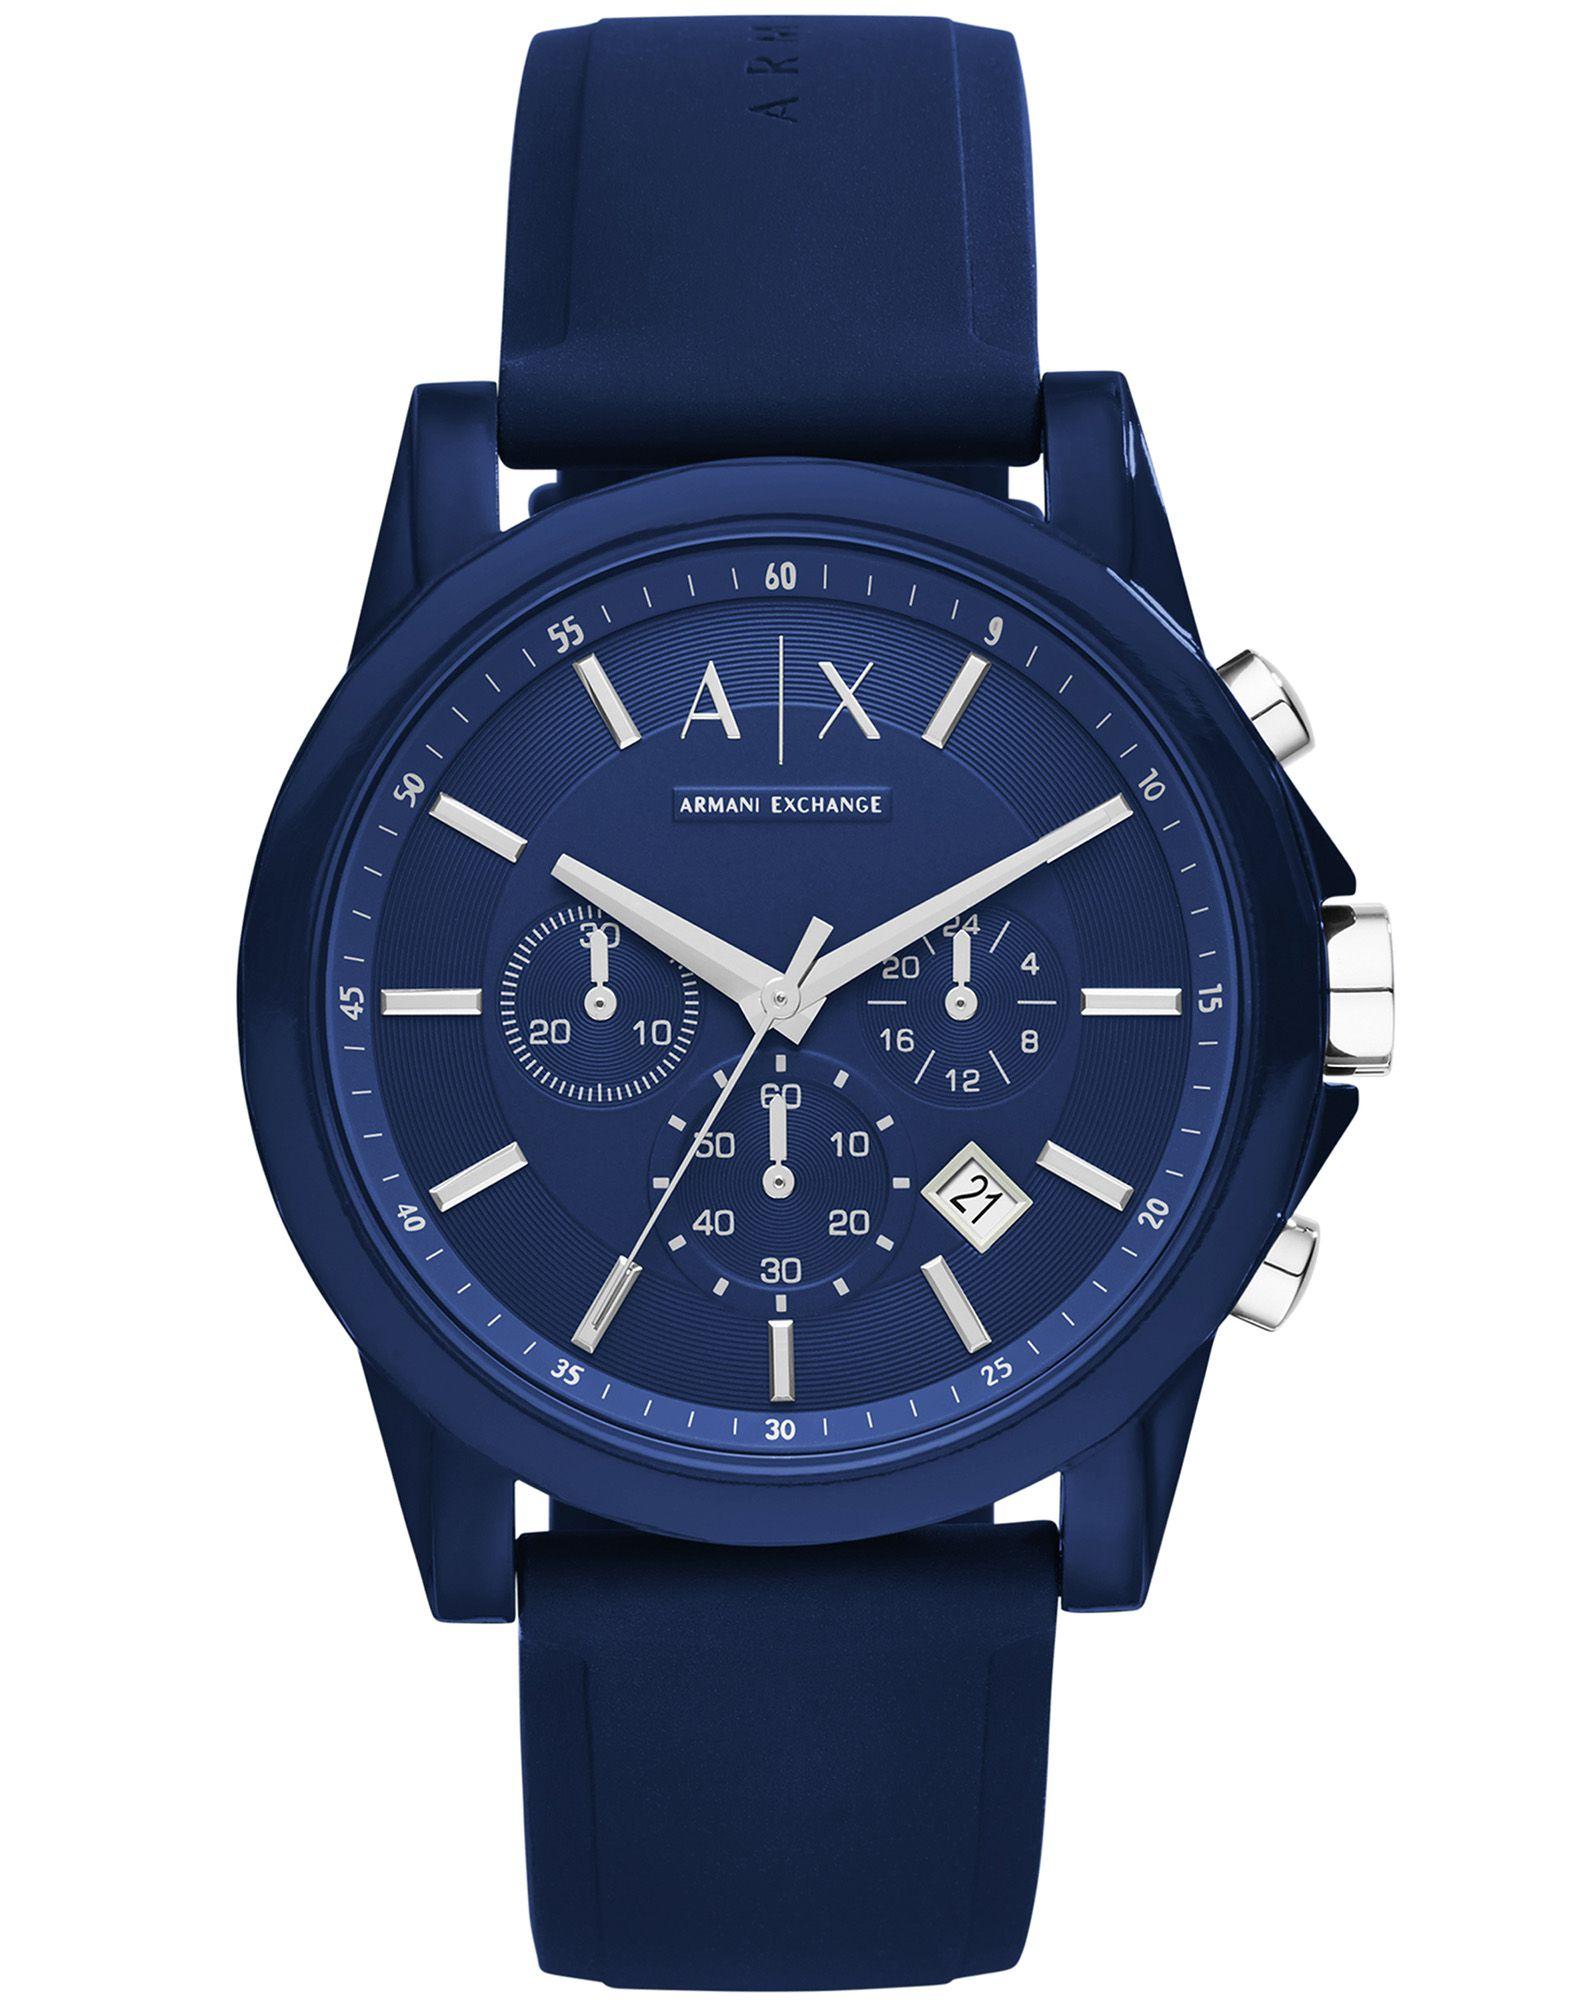 《送料無料》ARMANI EXCHANGE メンズ 腕時計 ダークブルー ナイロン / シリコン